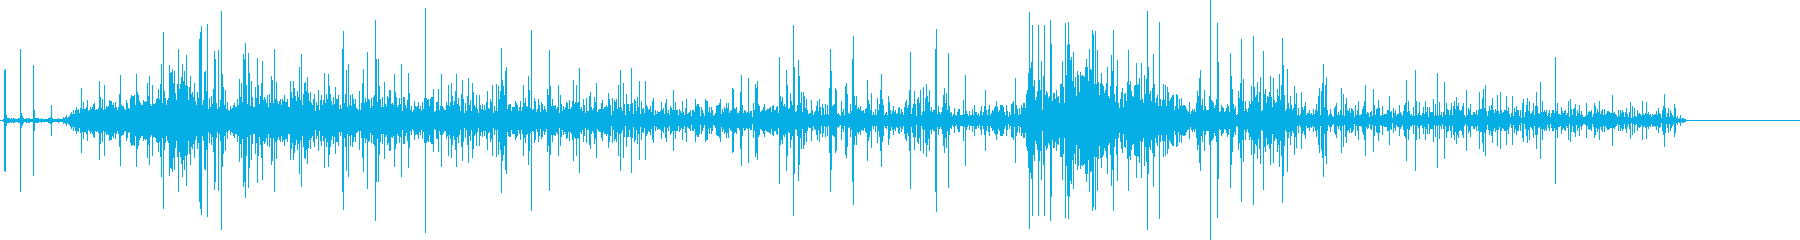 エッグスオングリドル; 3つのタッ...の再生済みの波形